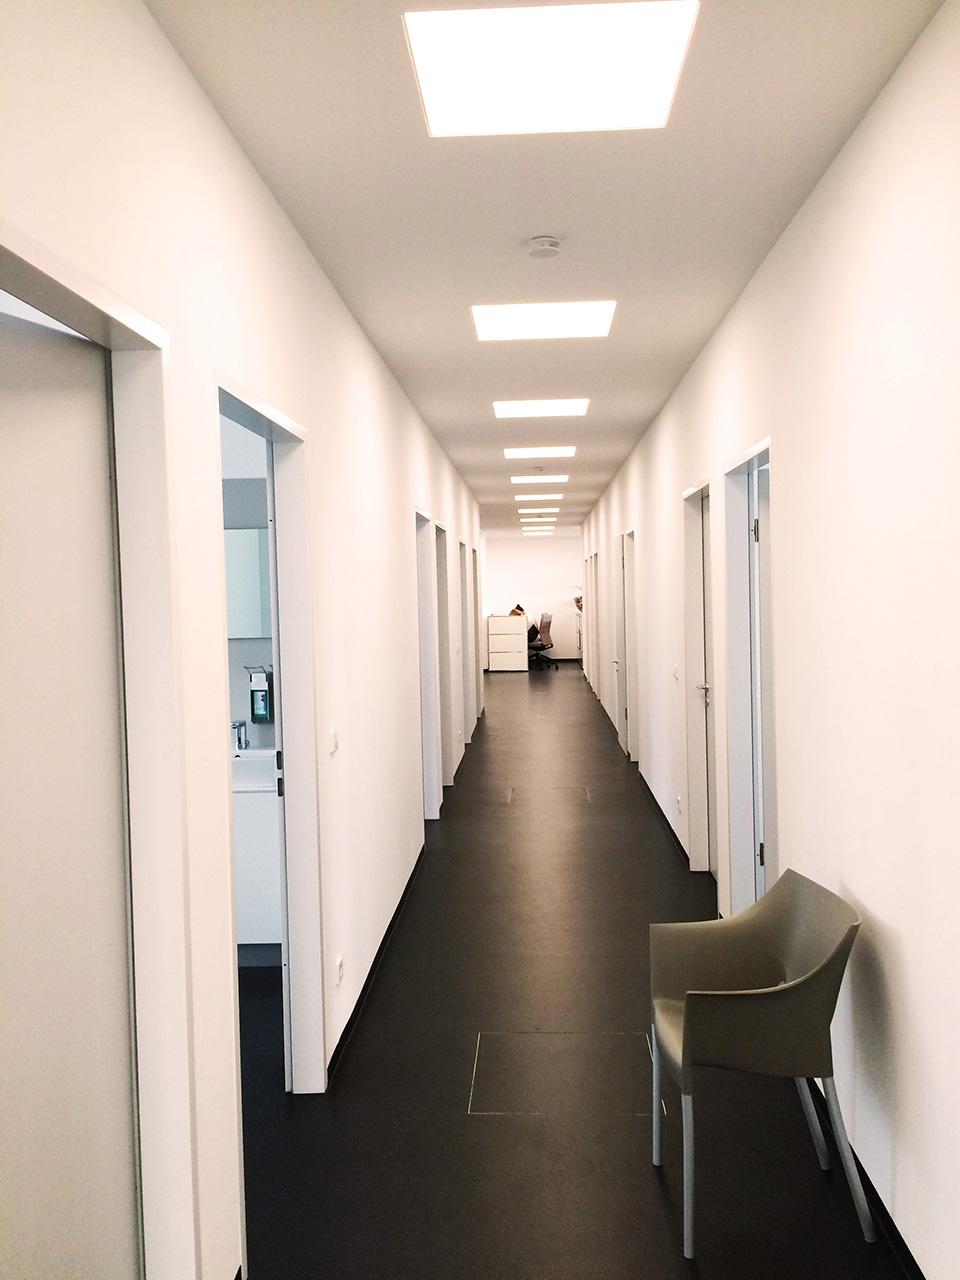 Orthopädische Praxis Dres. Schätzle, Stuttgart